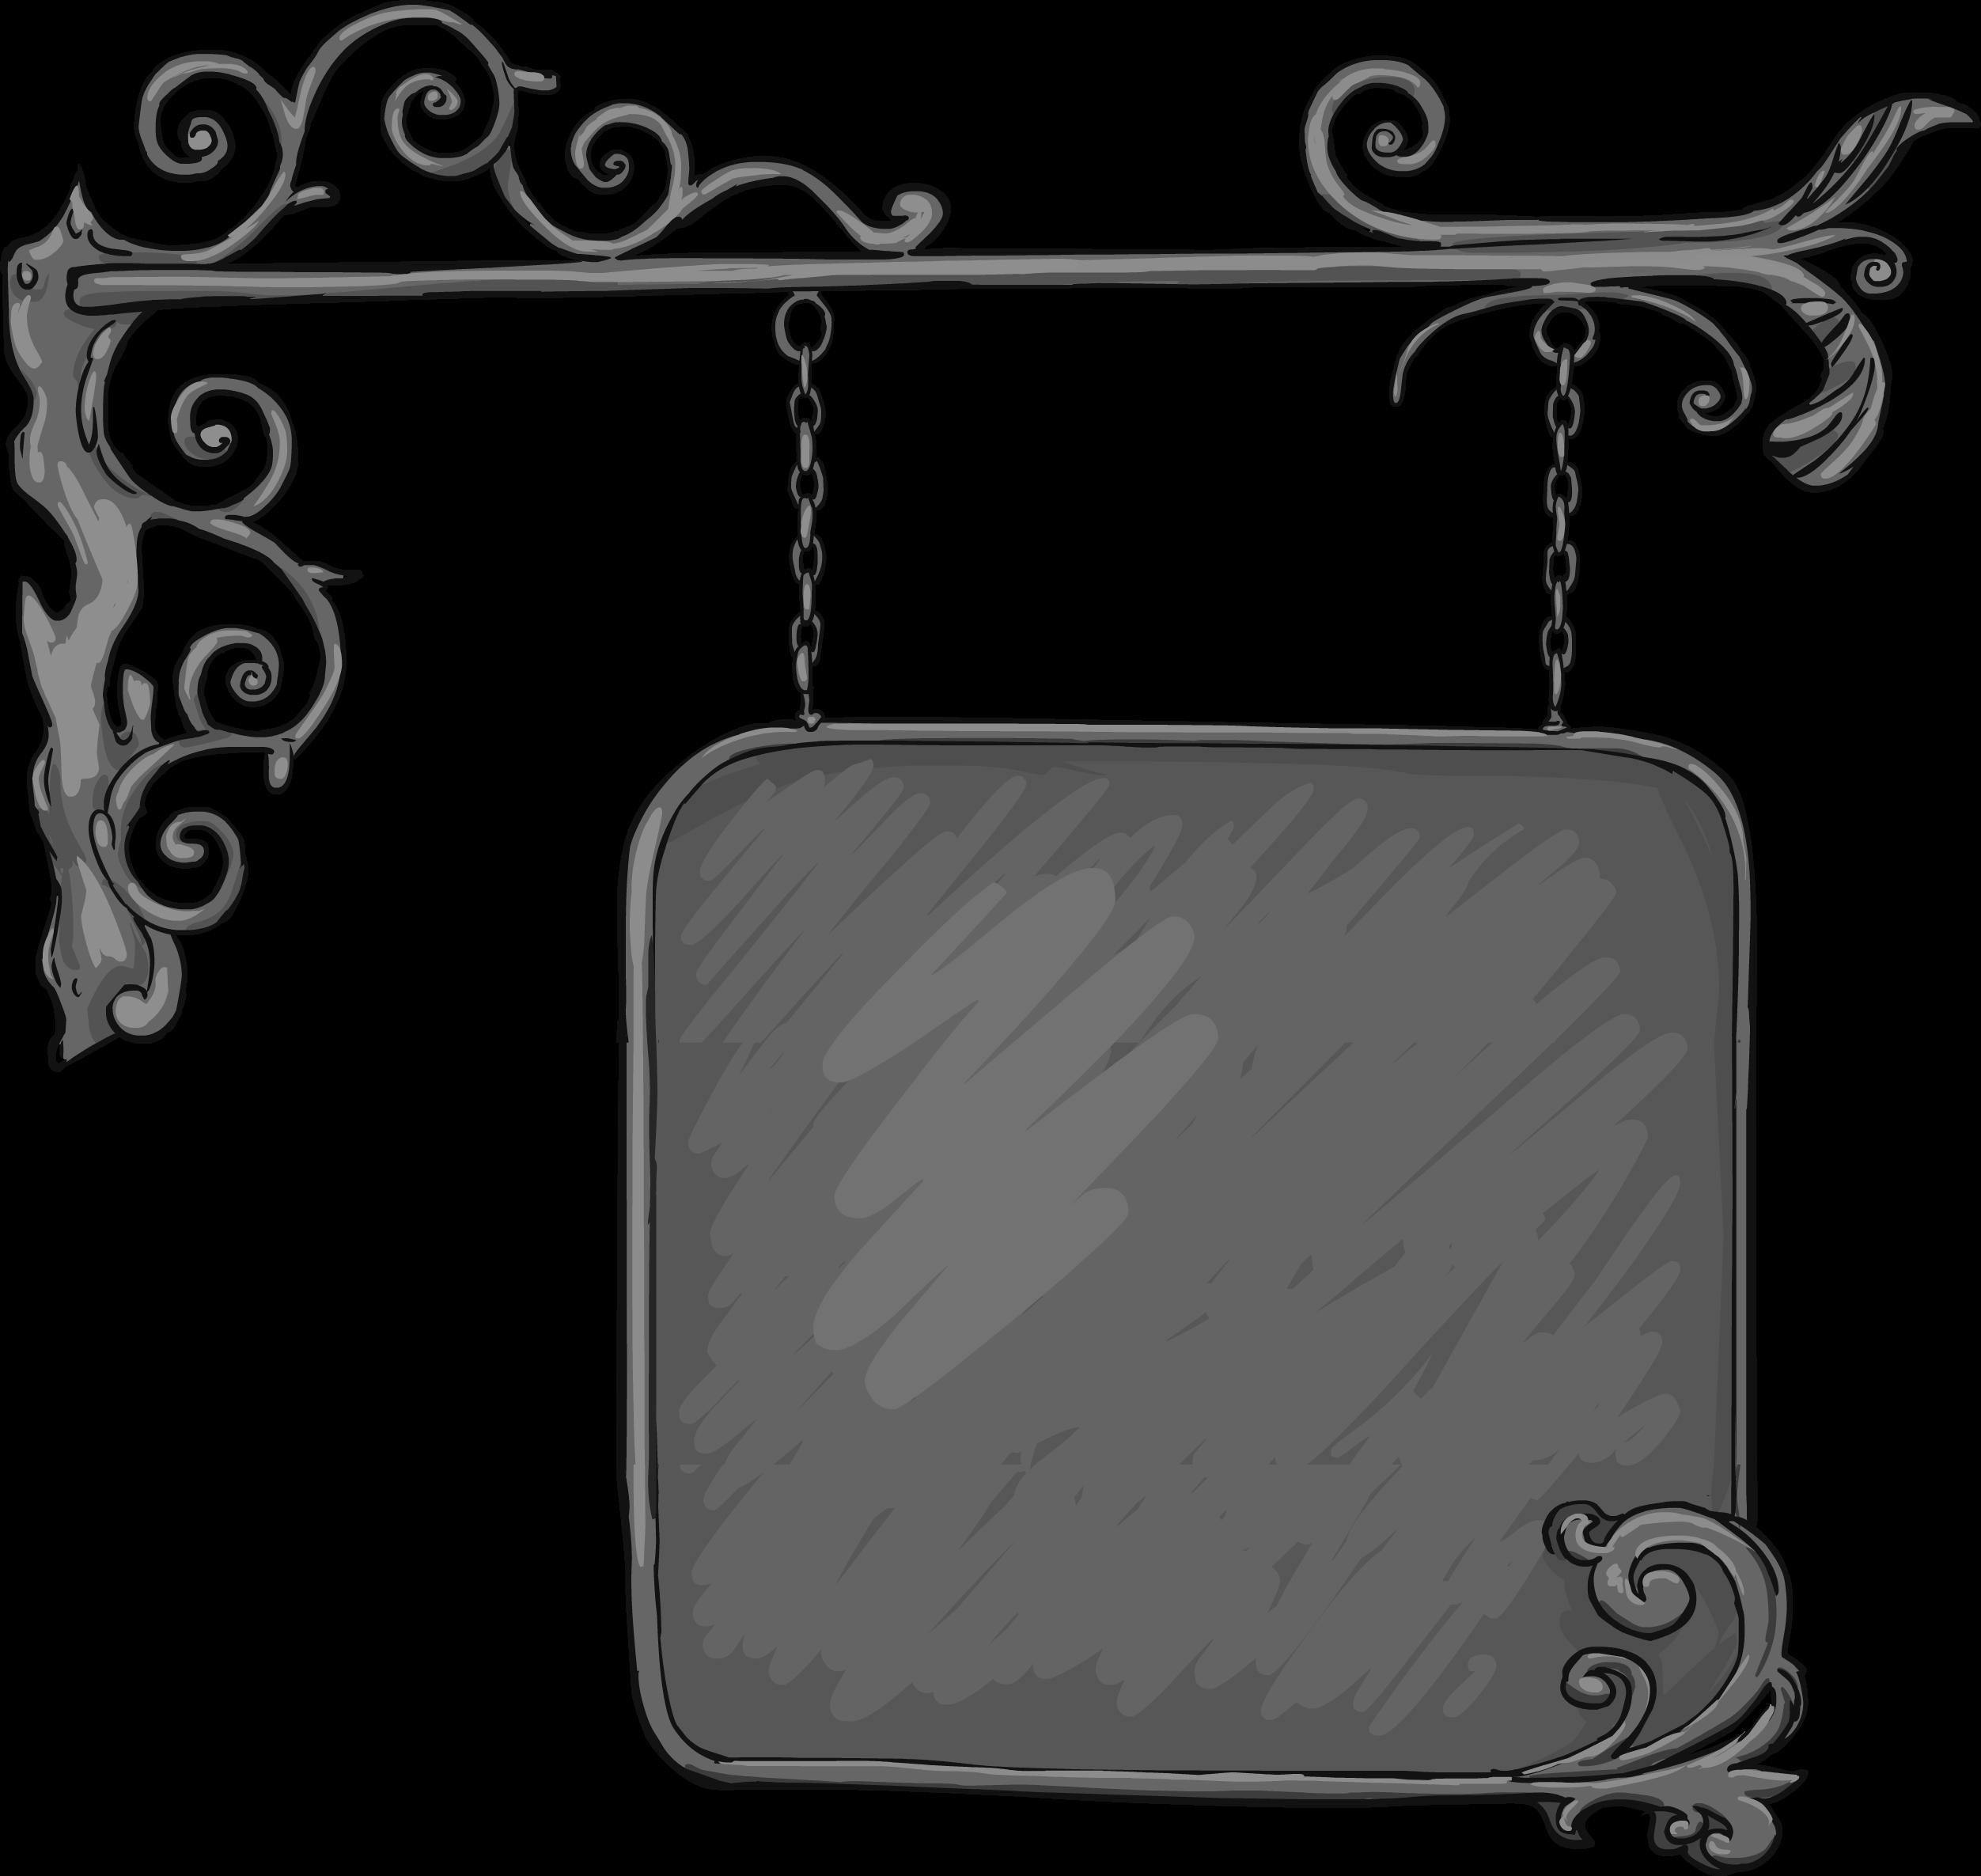 Вывеска - элемент сайта